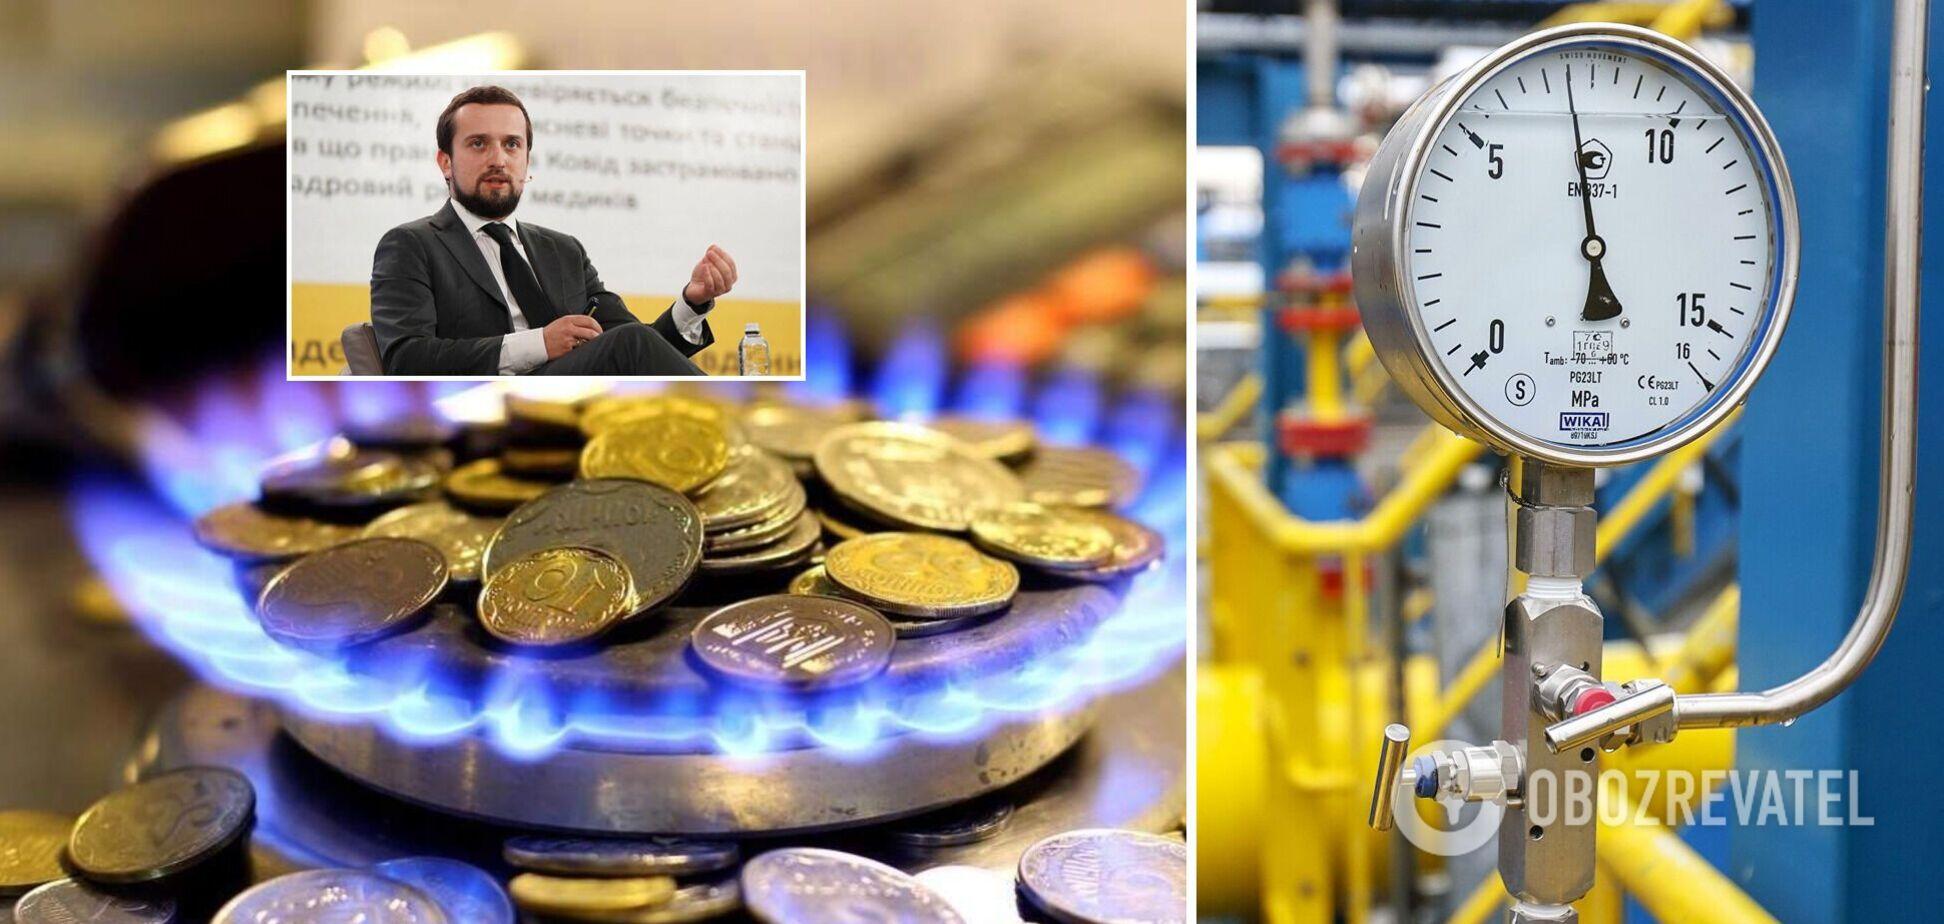 У Зеленского заявили, что проблем с газом в Украине нет: не нужно разгонять панику